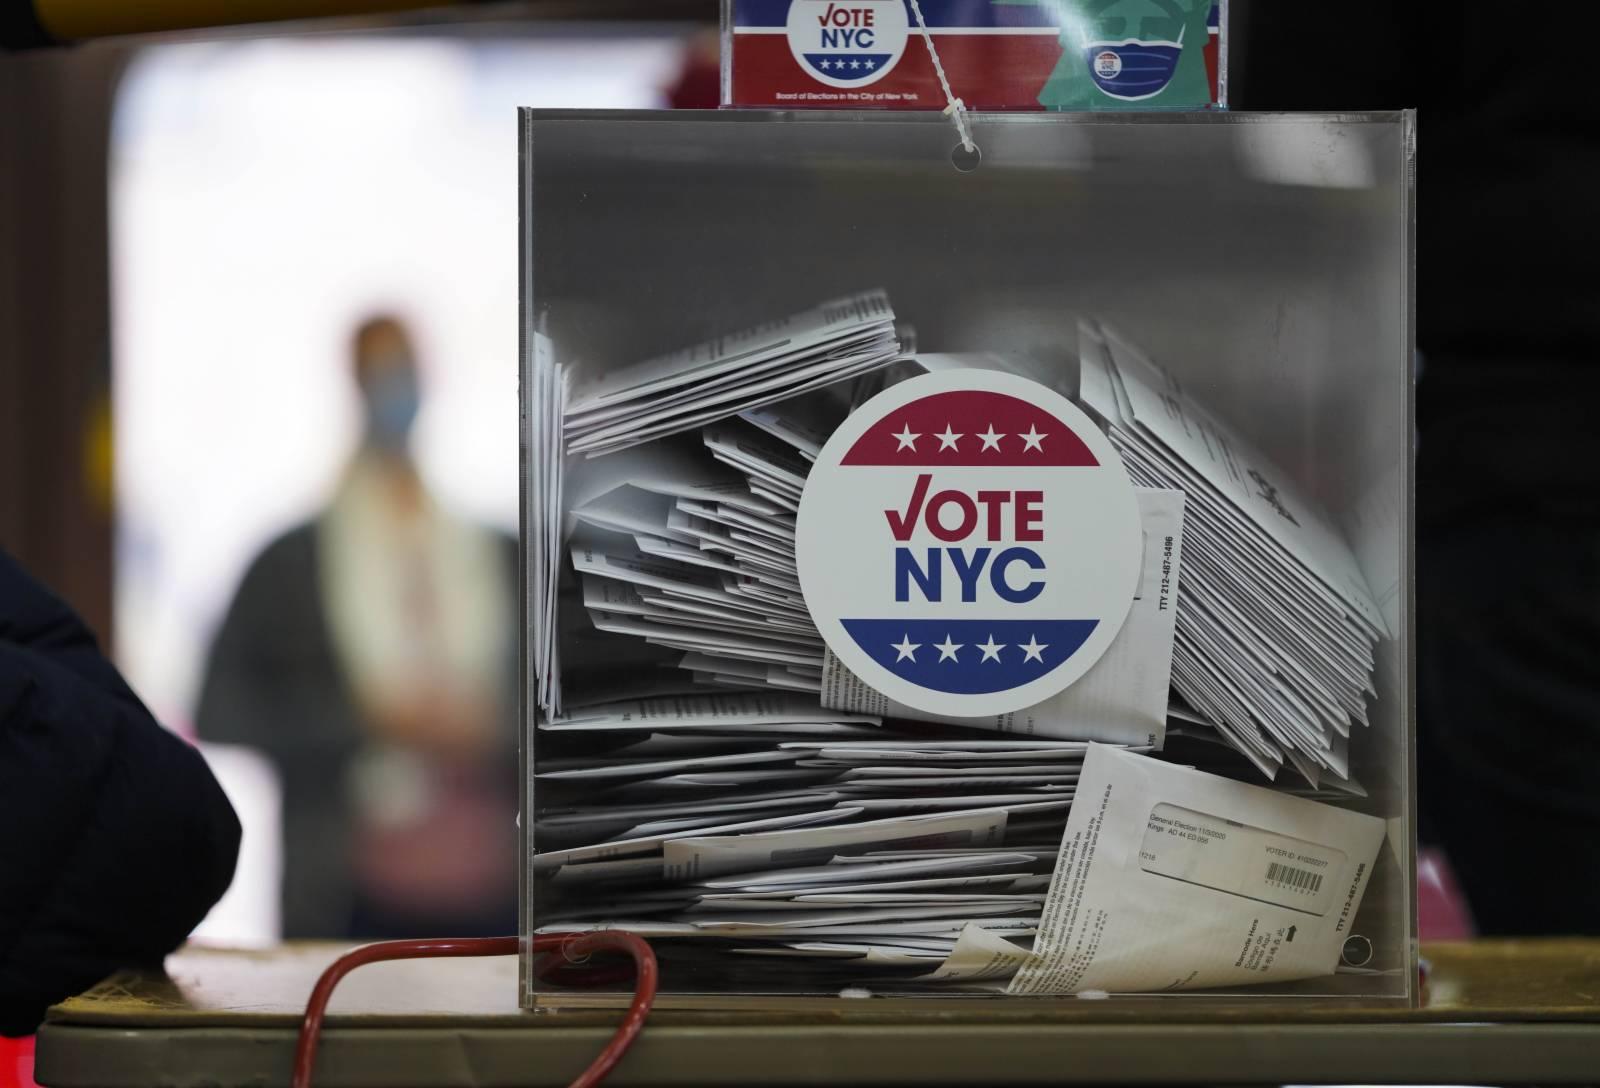 這是10月27日在美國紐約的一處投票點拍攝的投票箱。